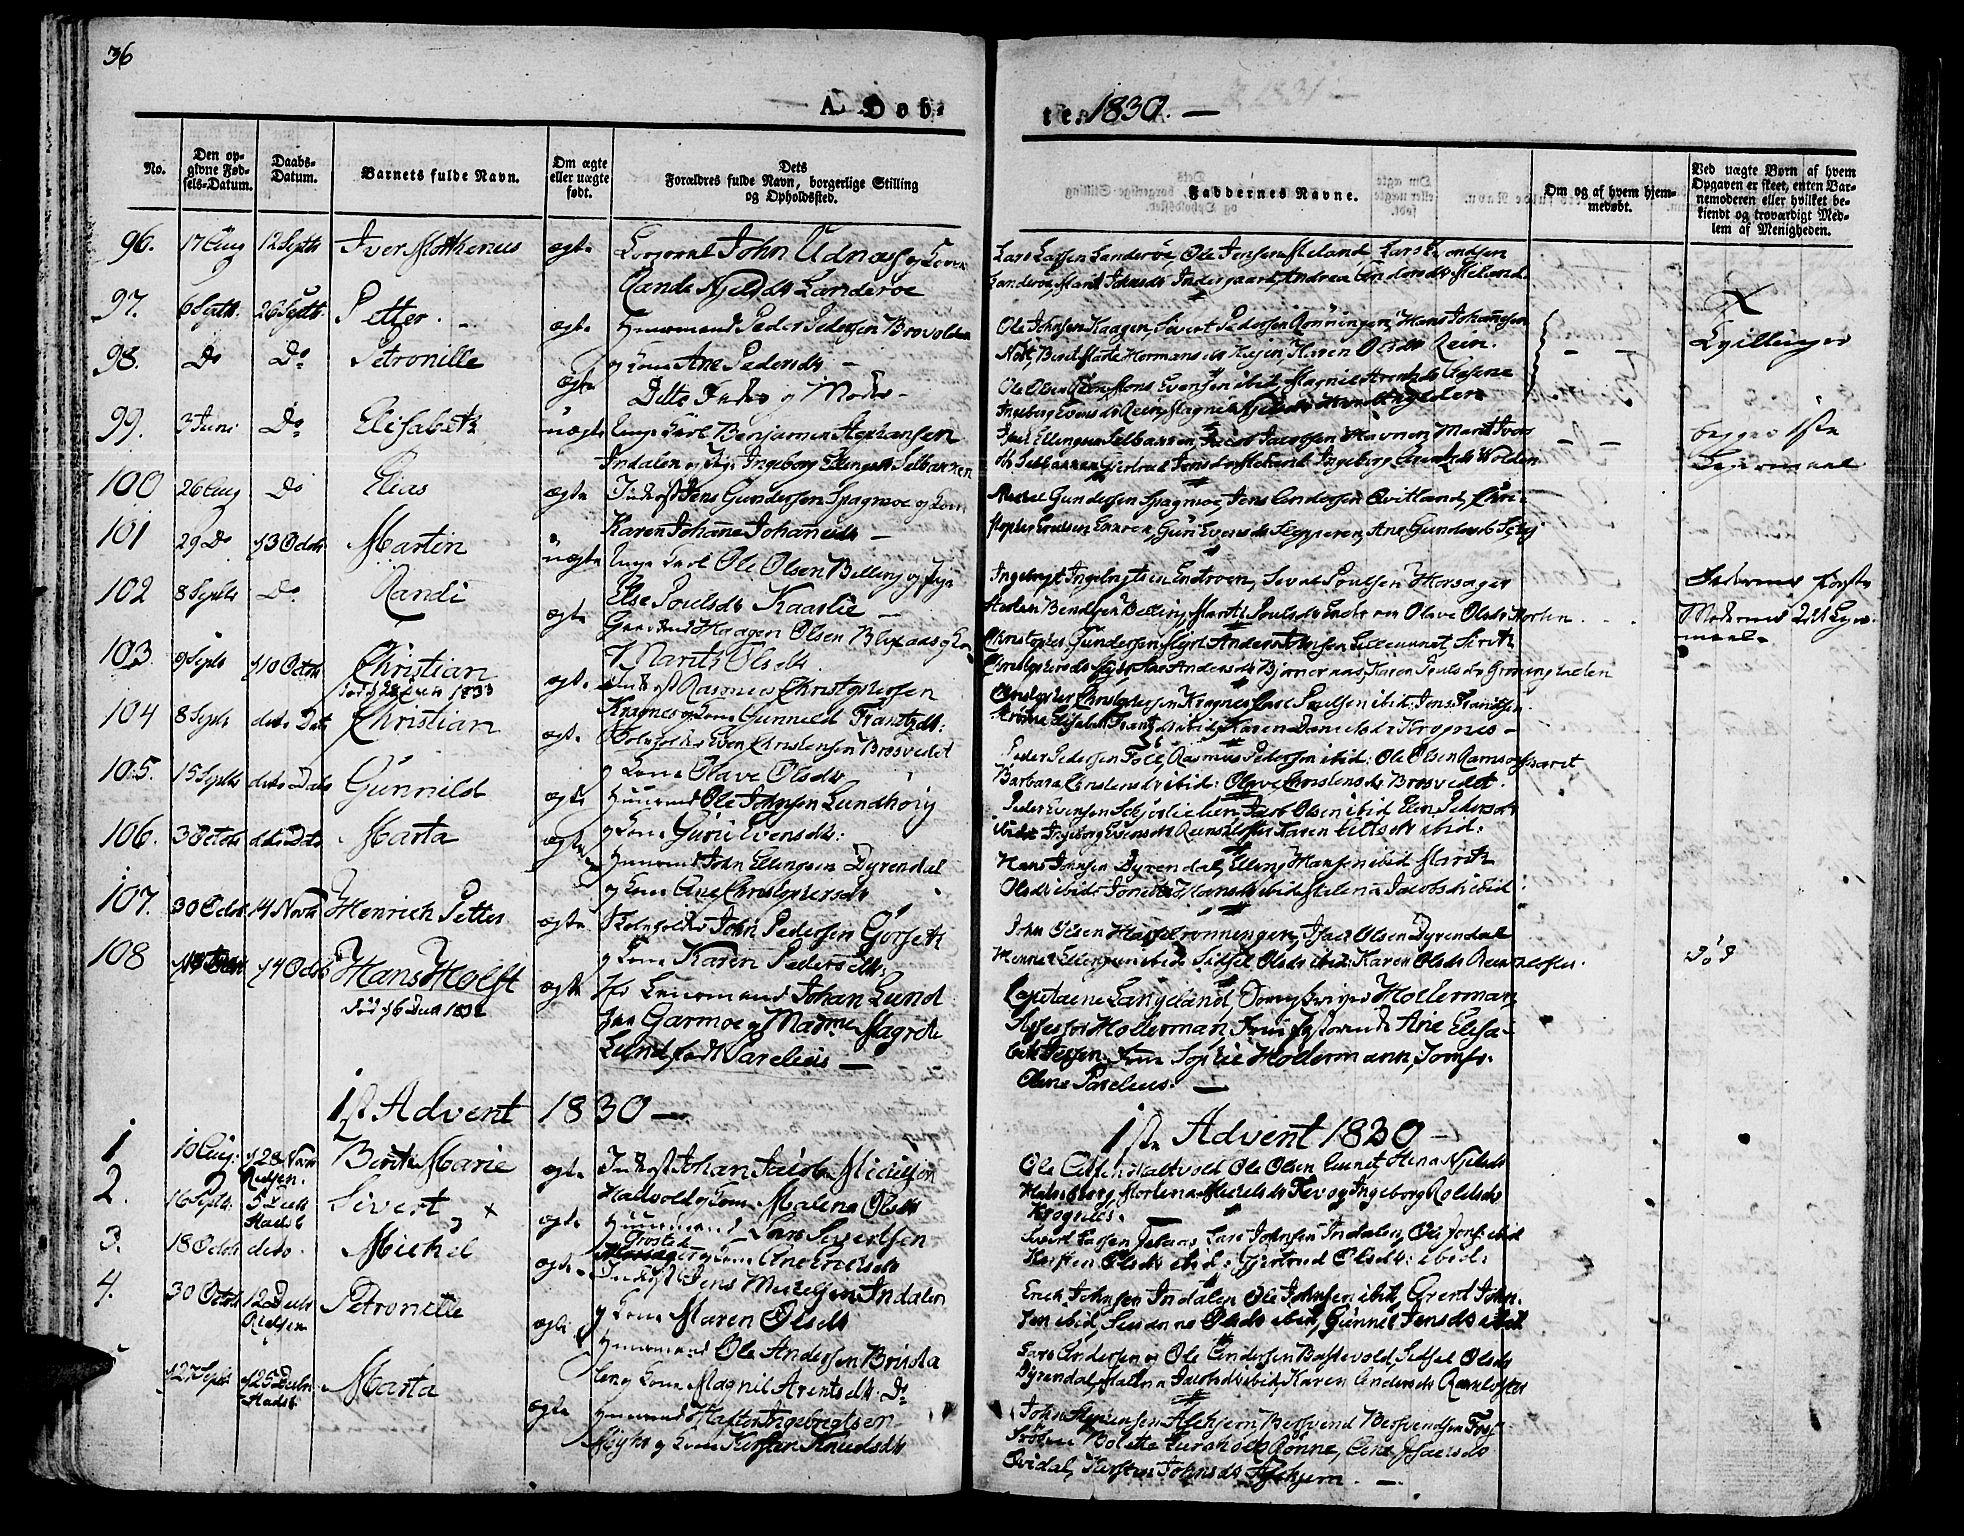 SAT, Ministerialprotokoller, klokkerbøker og fødselsregistre - Sør-Trøndelag, 646/L0609: Ministerialbok nr. 646A07, 1826-1838, s. 36